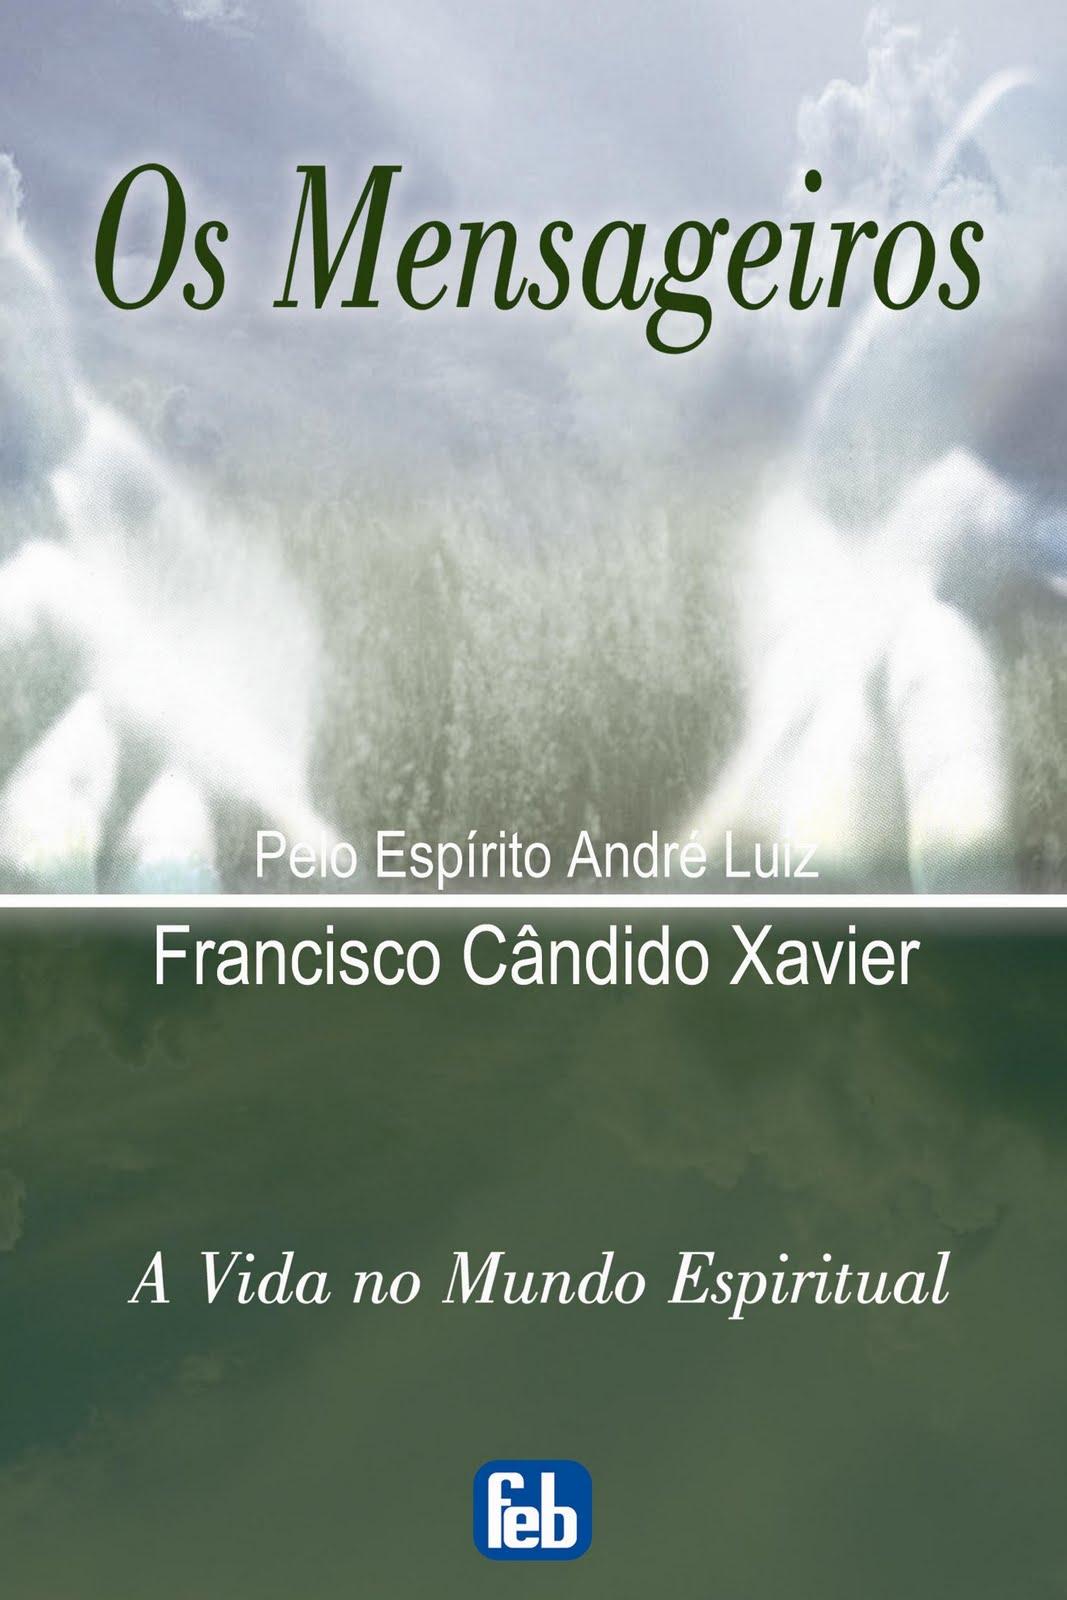 http://probem.files.wordpress.com/2012/03/livro-os-mensageiros.jpg